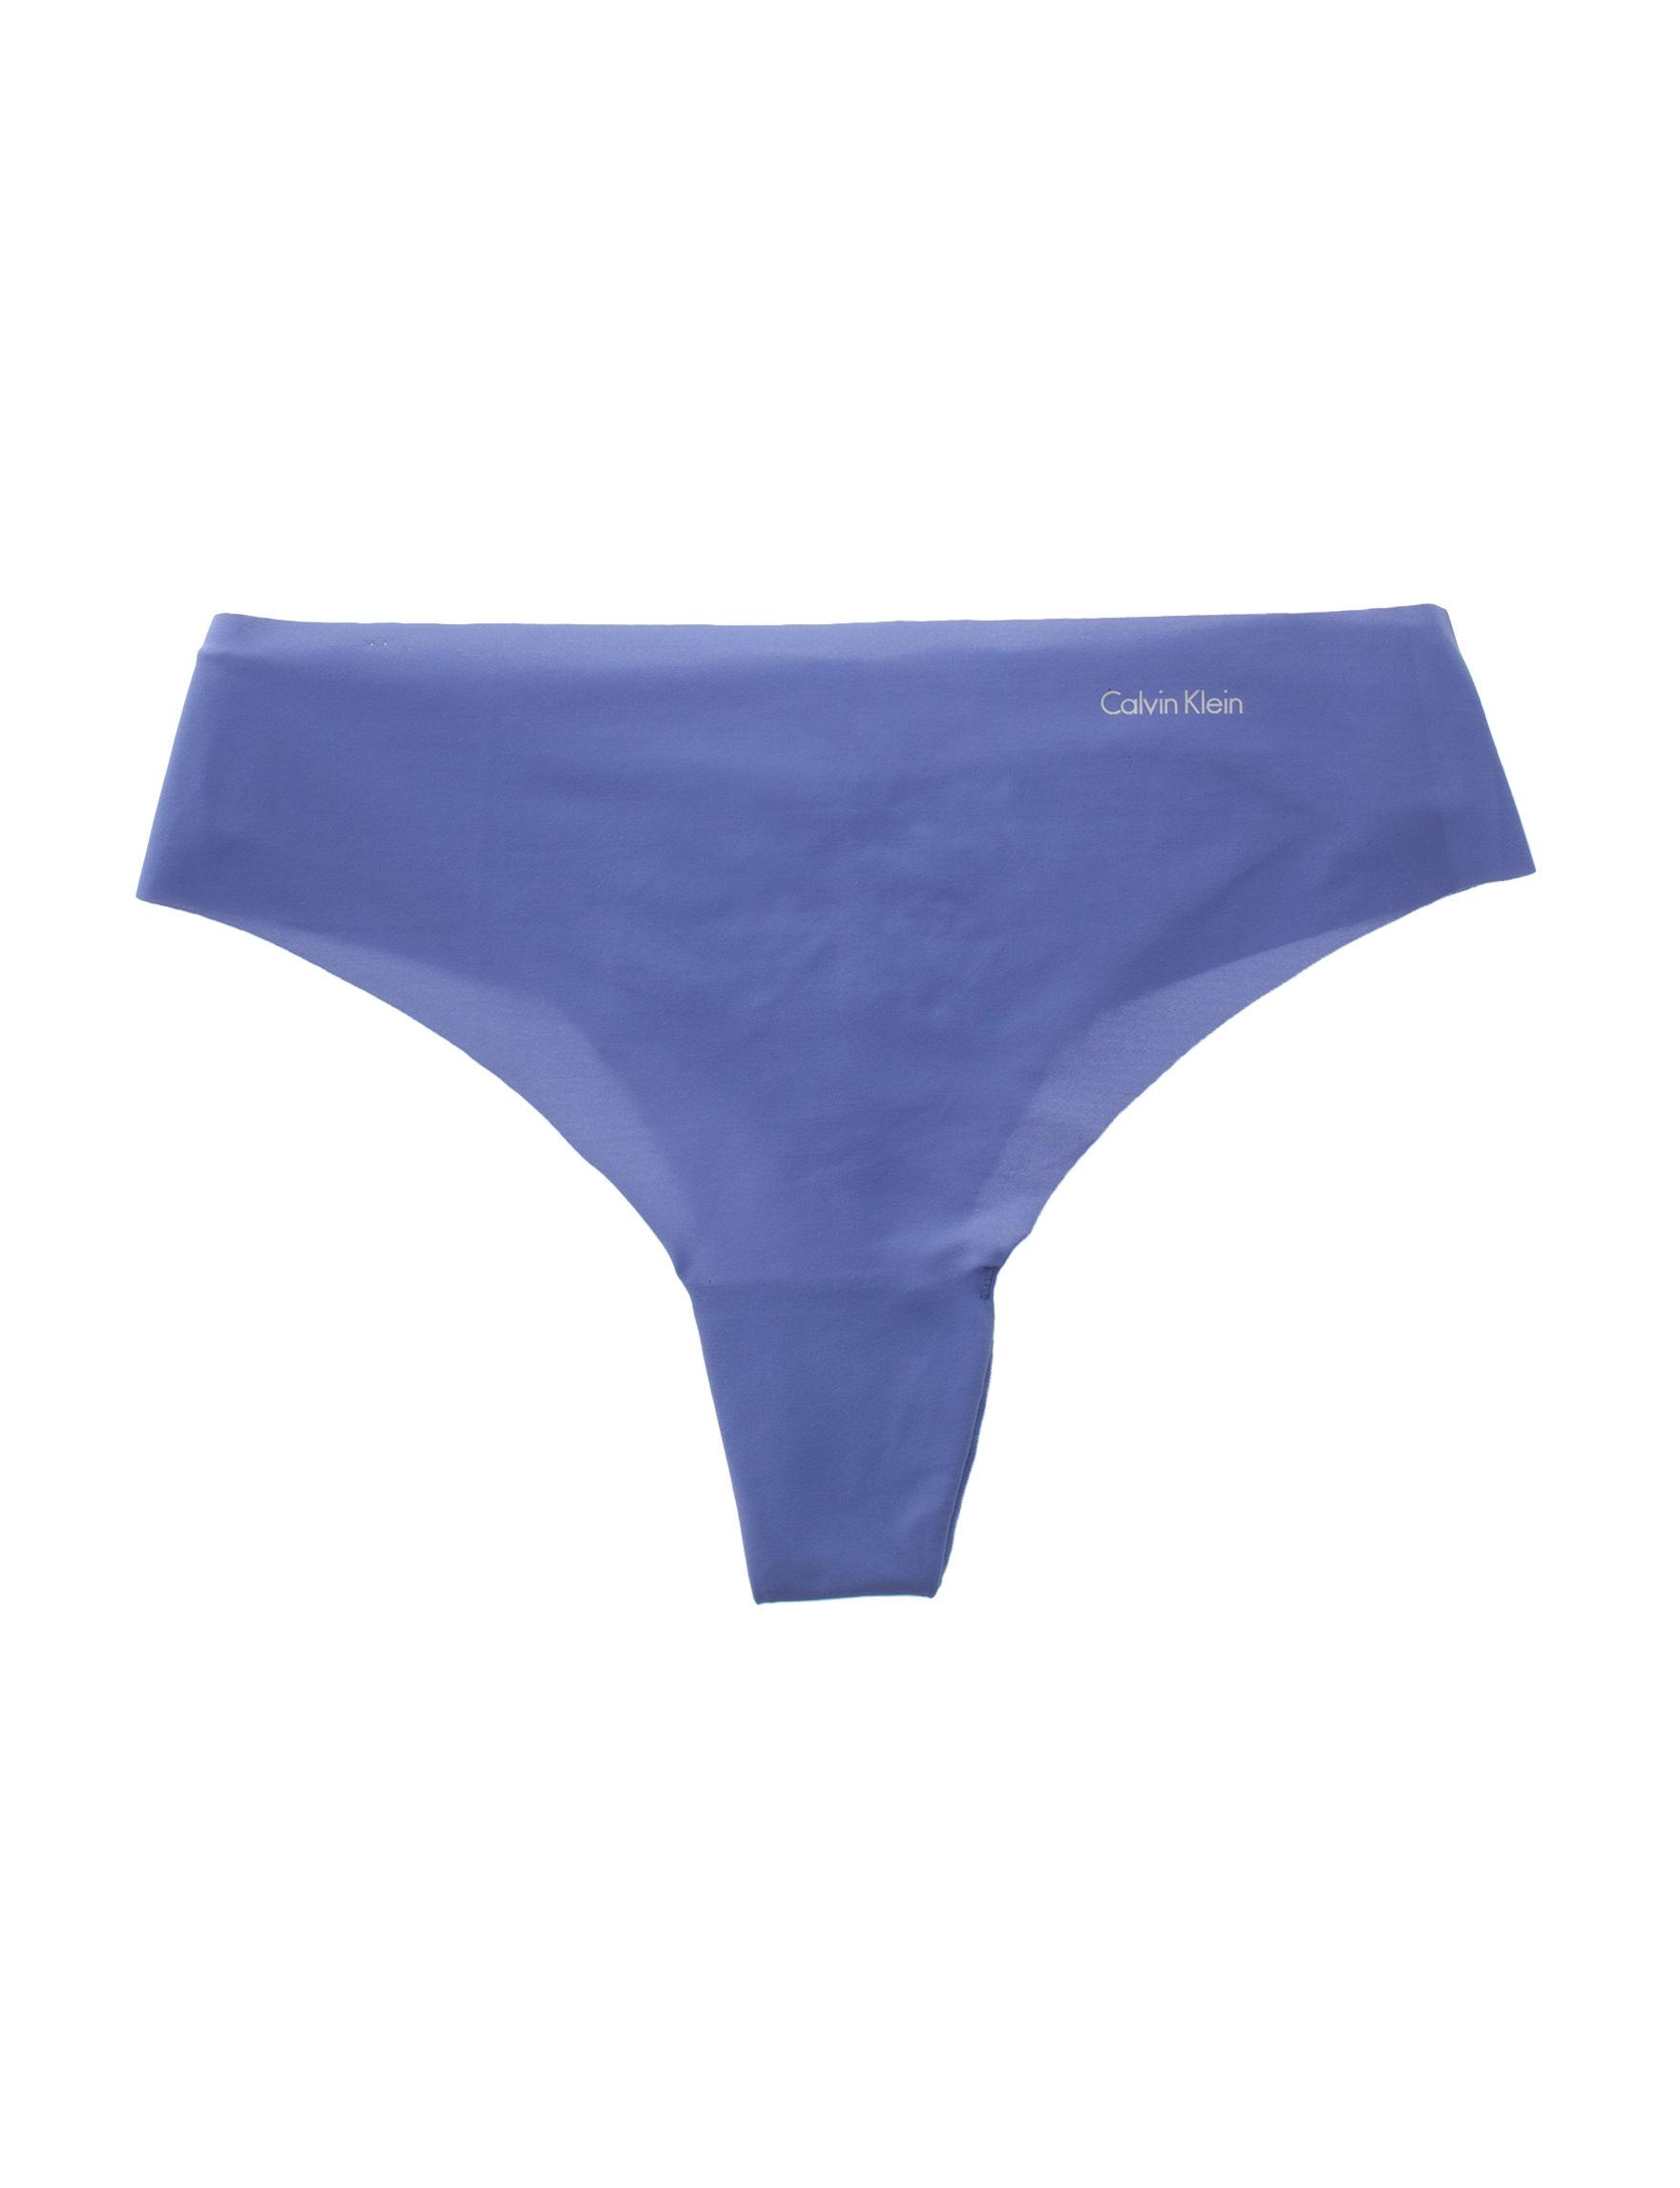 Calvin Klein Blue Panties Thong